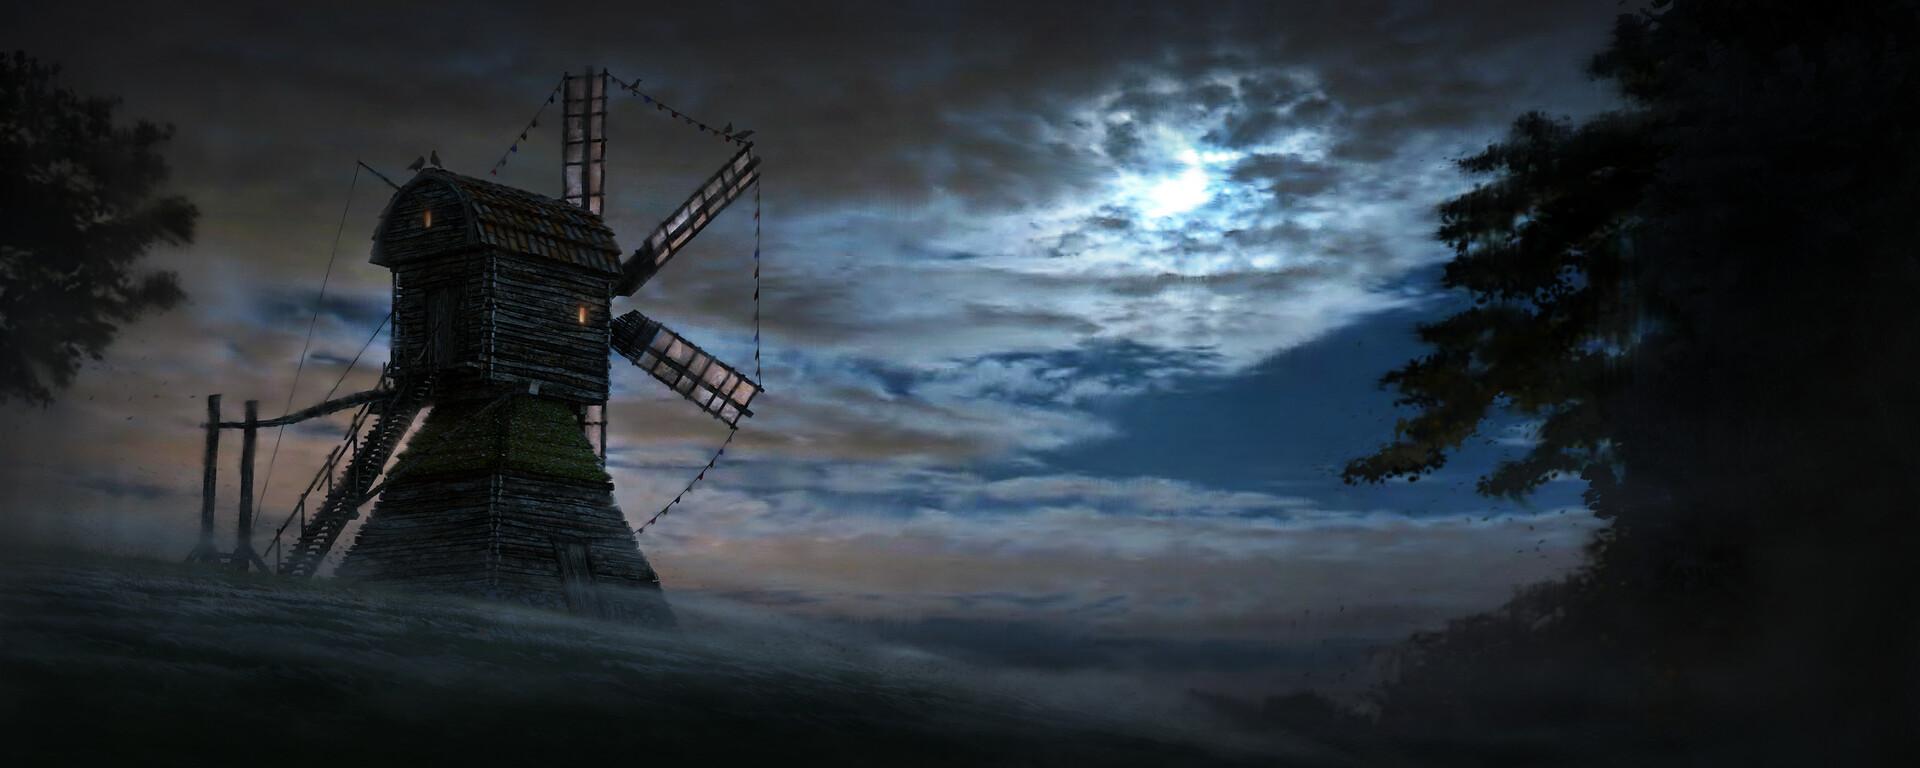 Jordi van hees moon light beauty render 002 small